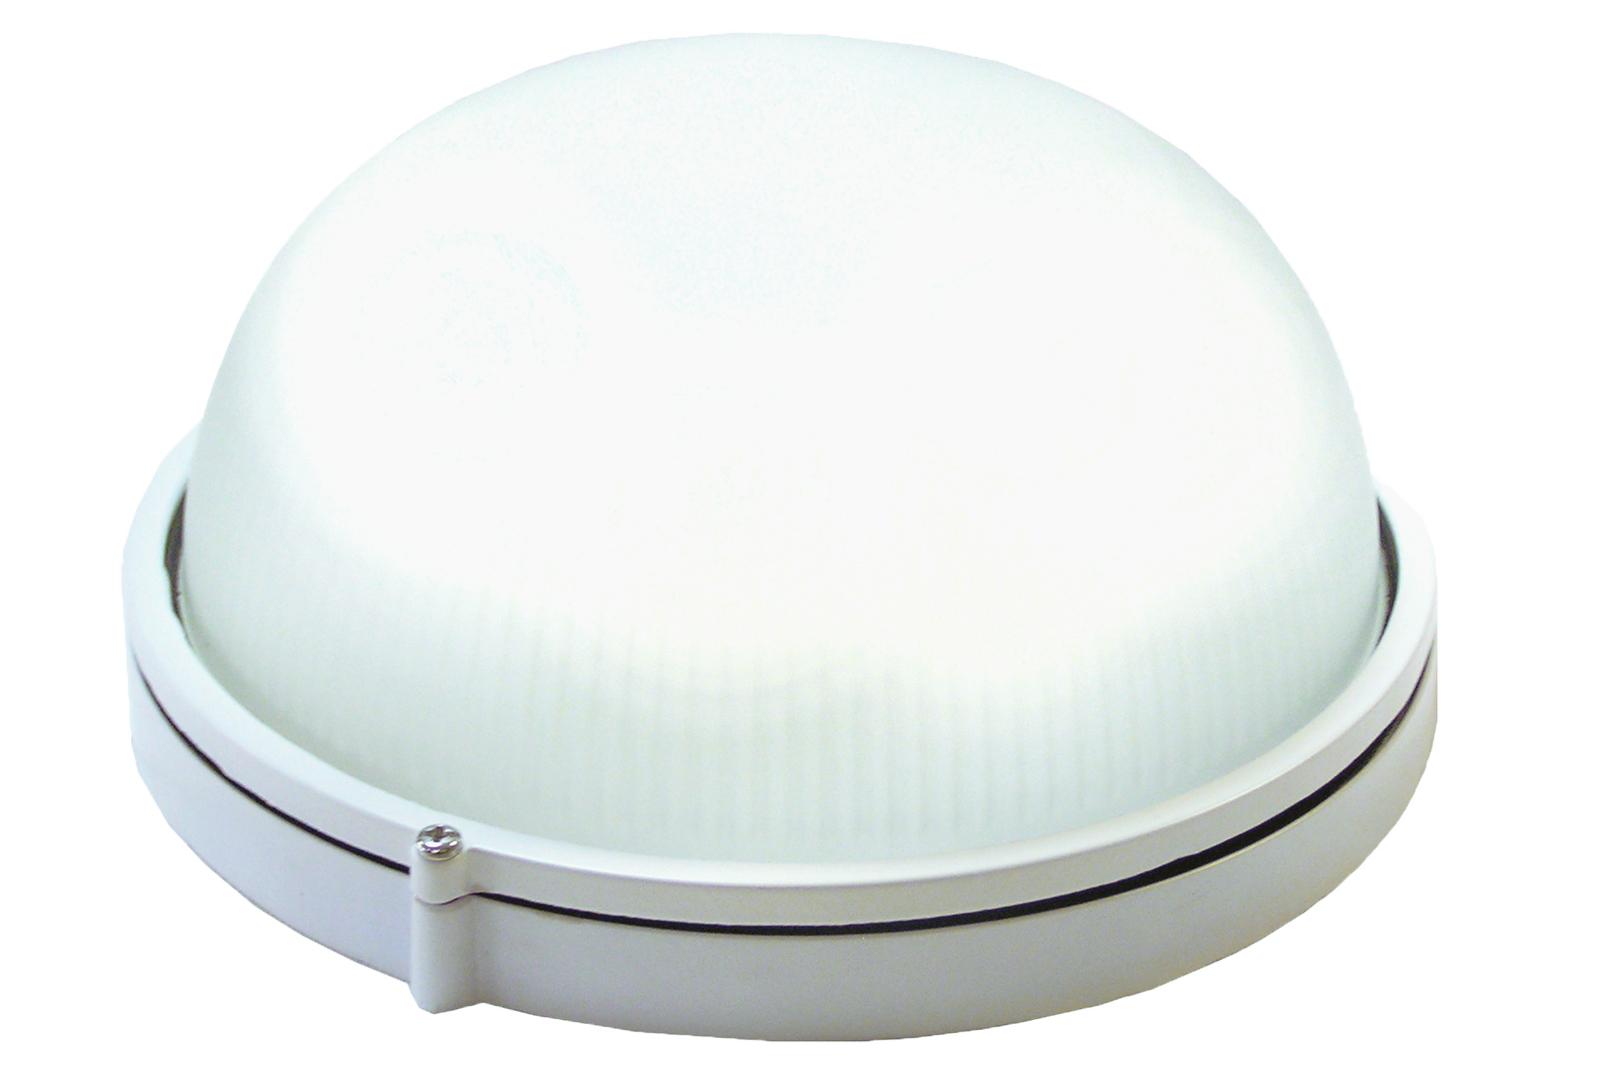 Светильник настенно-потолочный Tdm Sq0329-0021 автомат tdm sq0218 0021